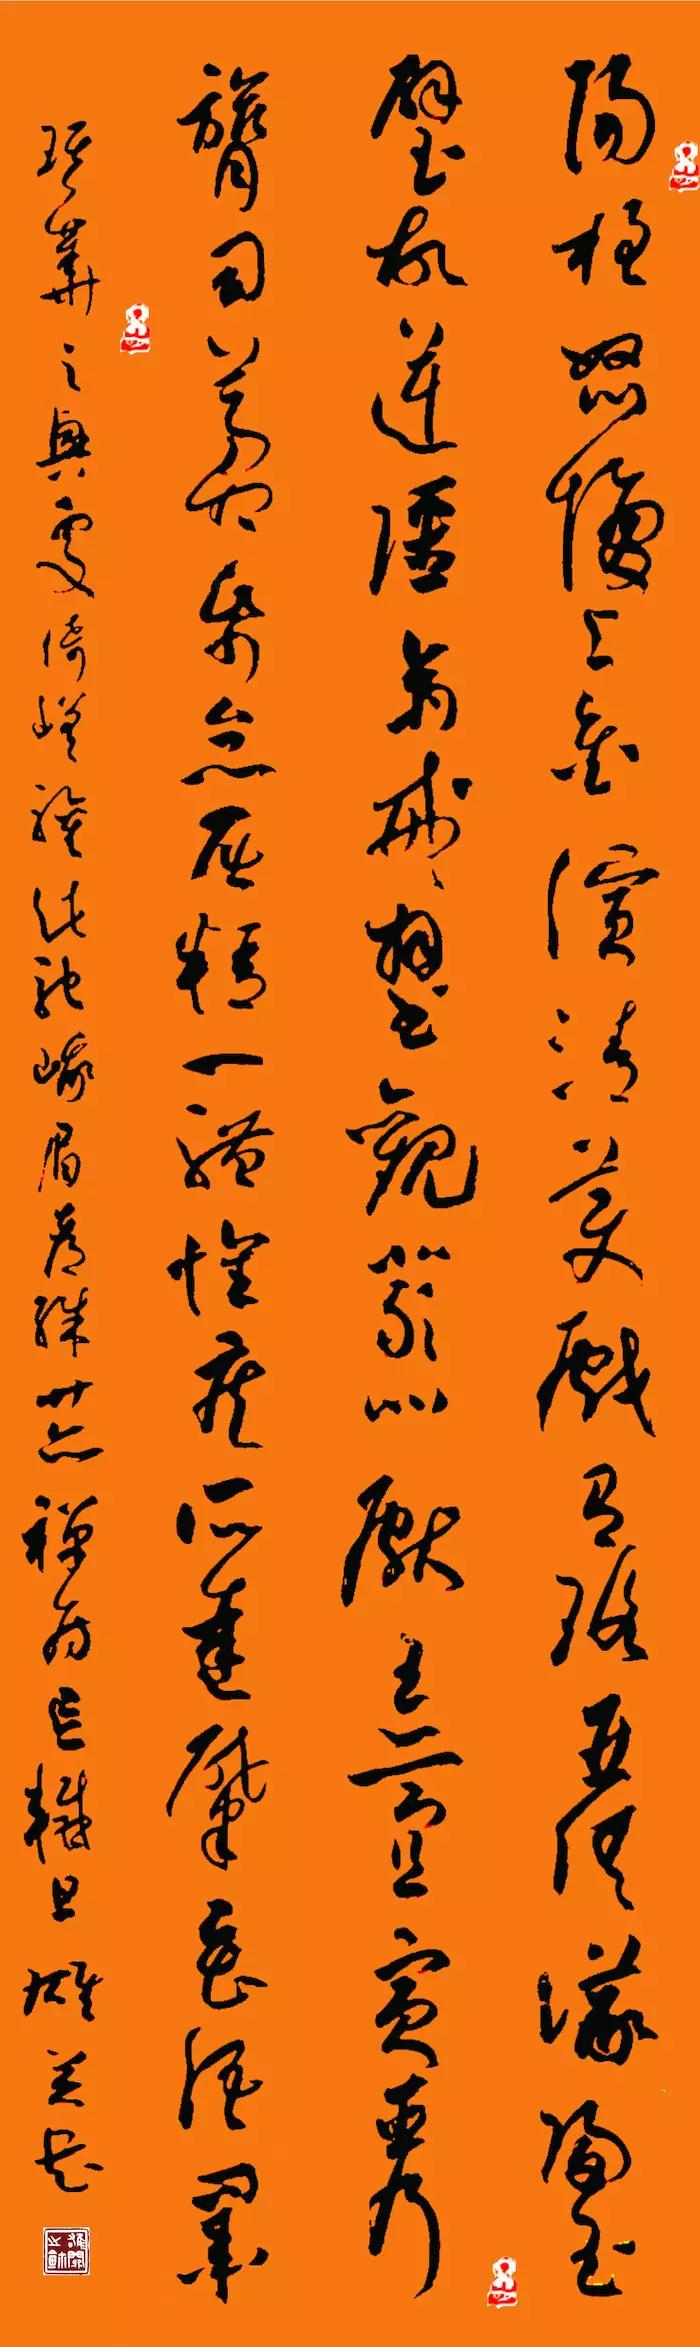 博闻强识_砥砺奋进――中国当代书画印名家徐雄关助力文化中国梦